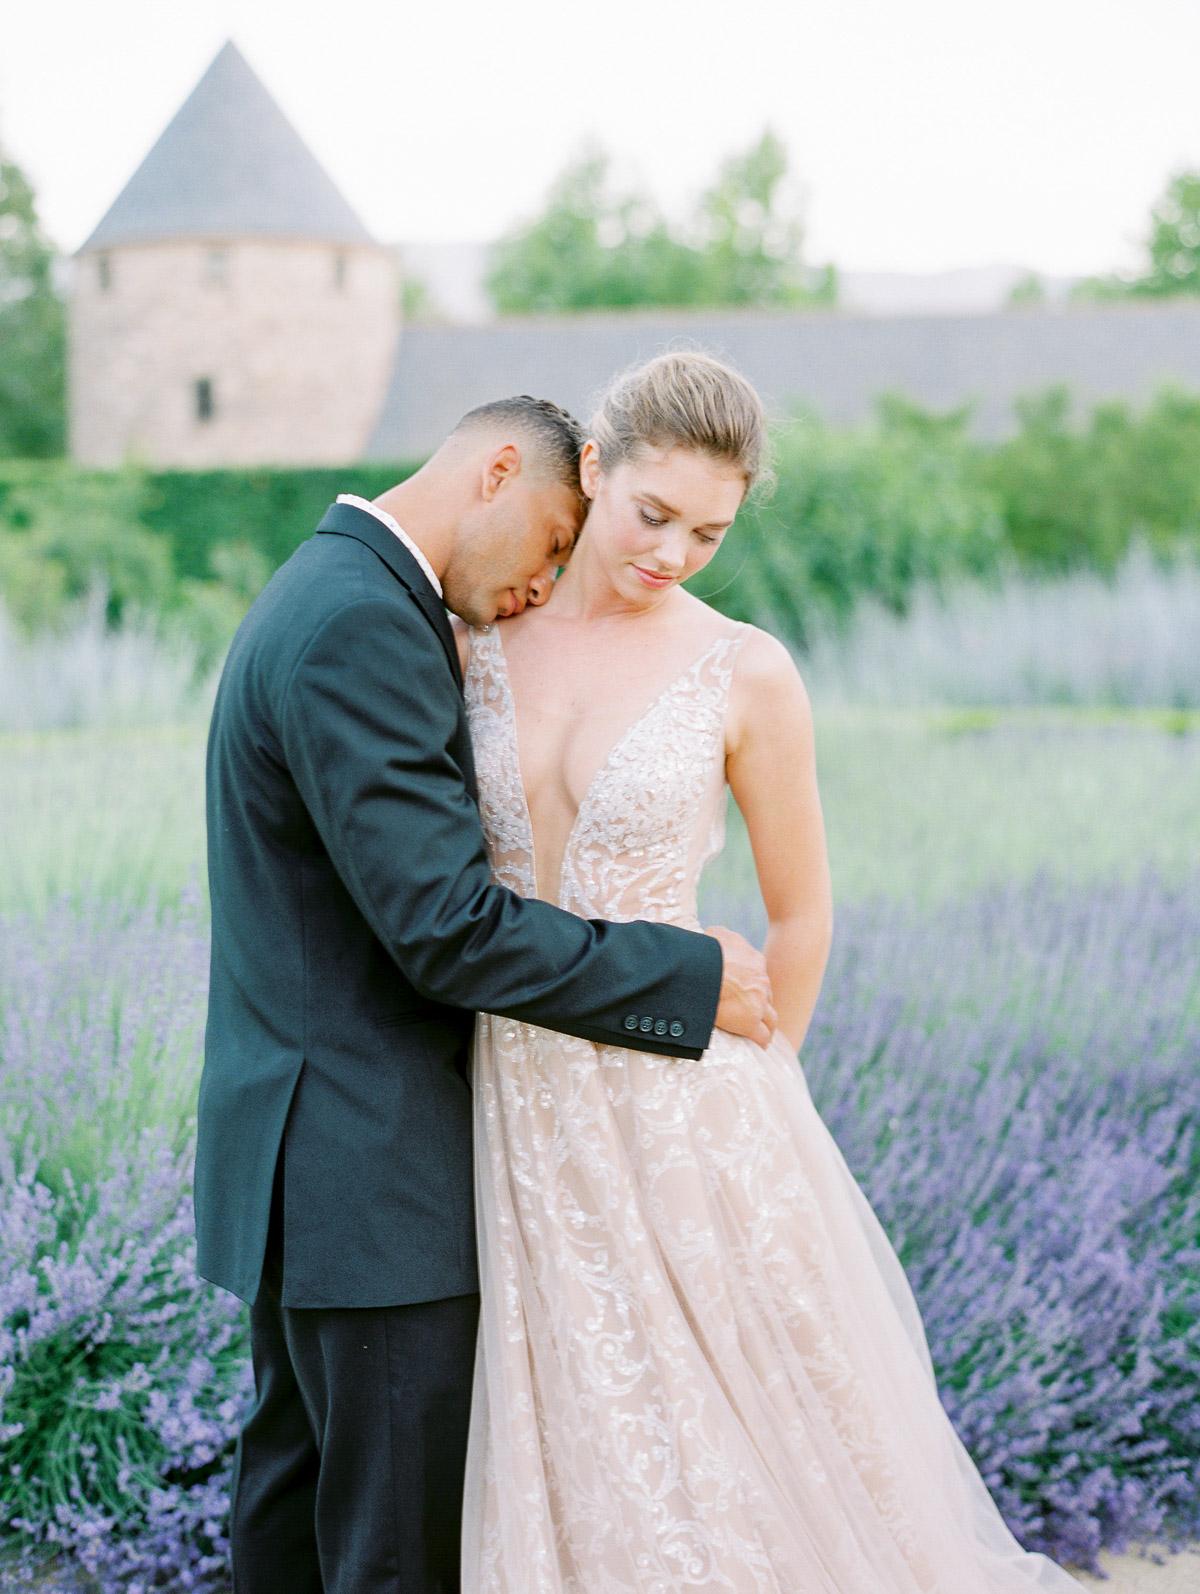 kestrel-park-wedding-photographer-68.jpg